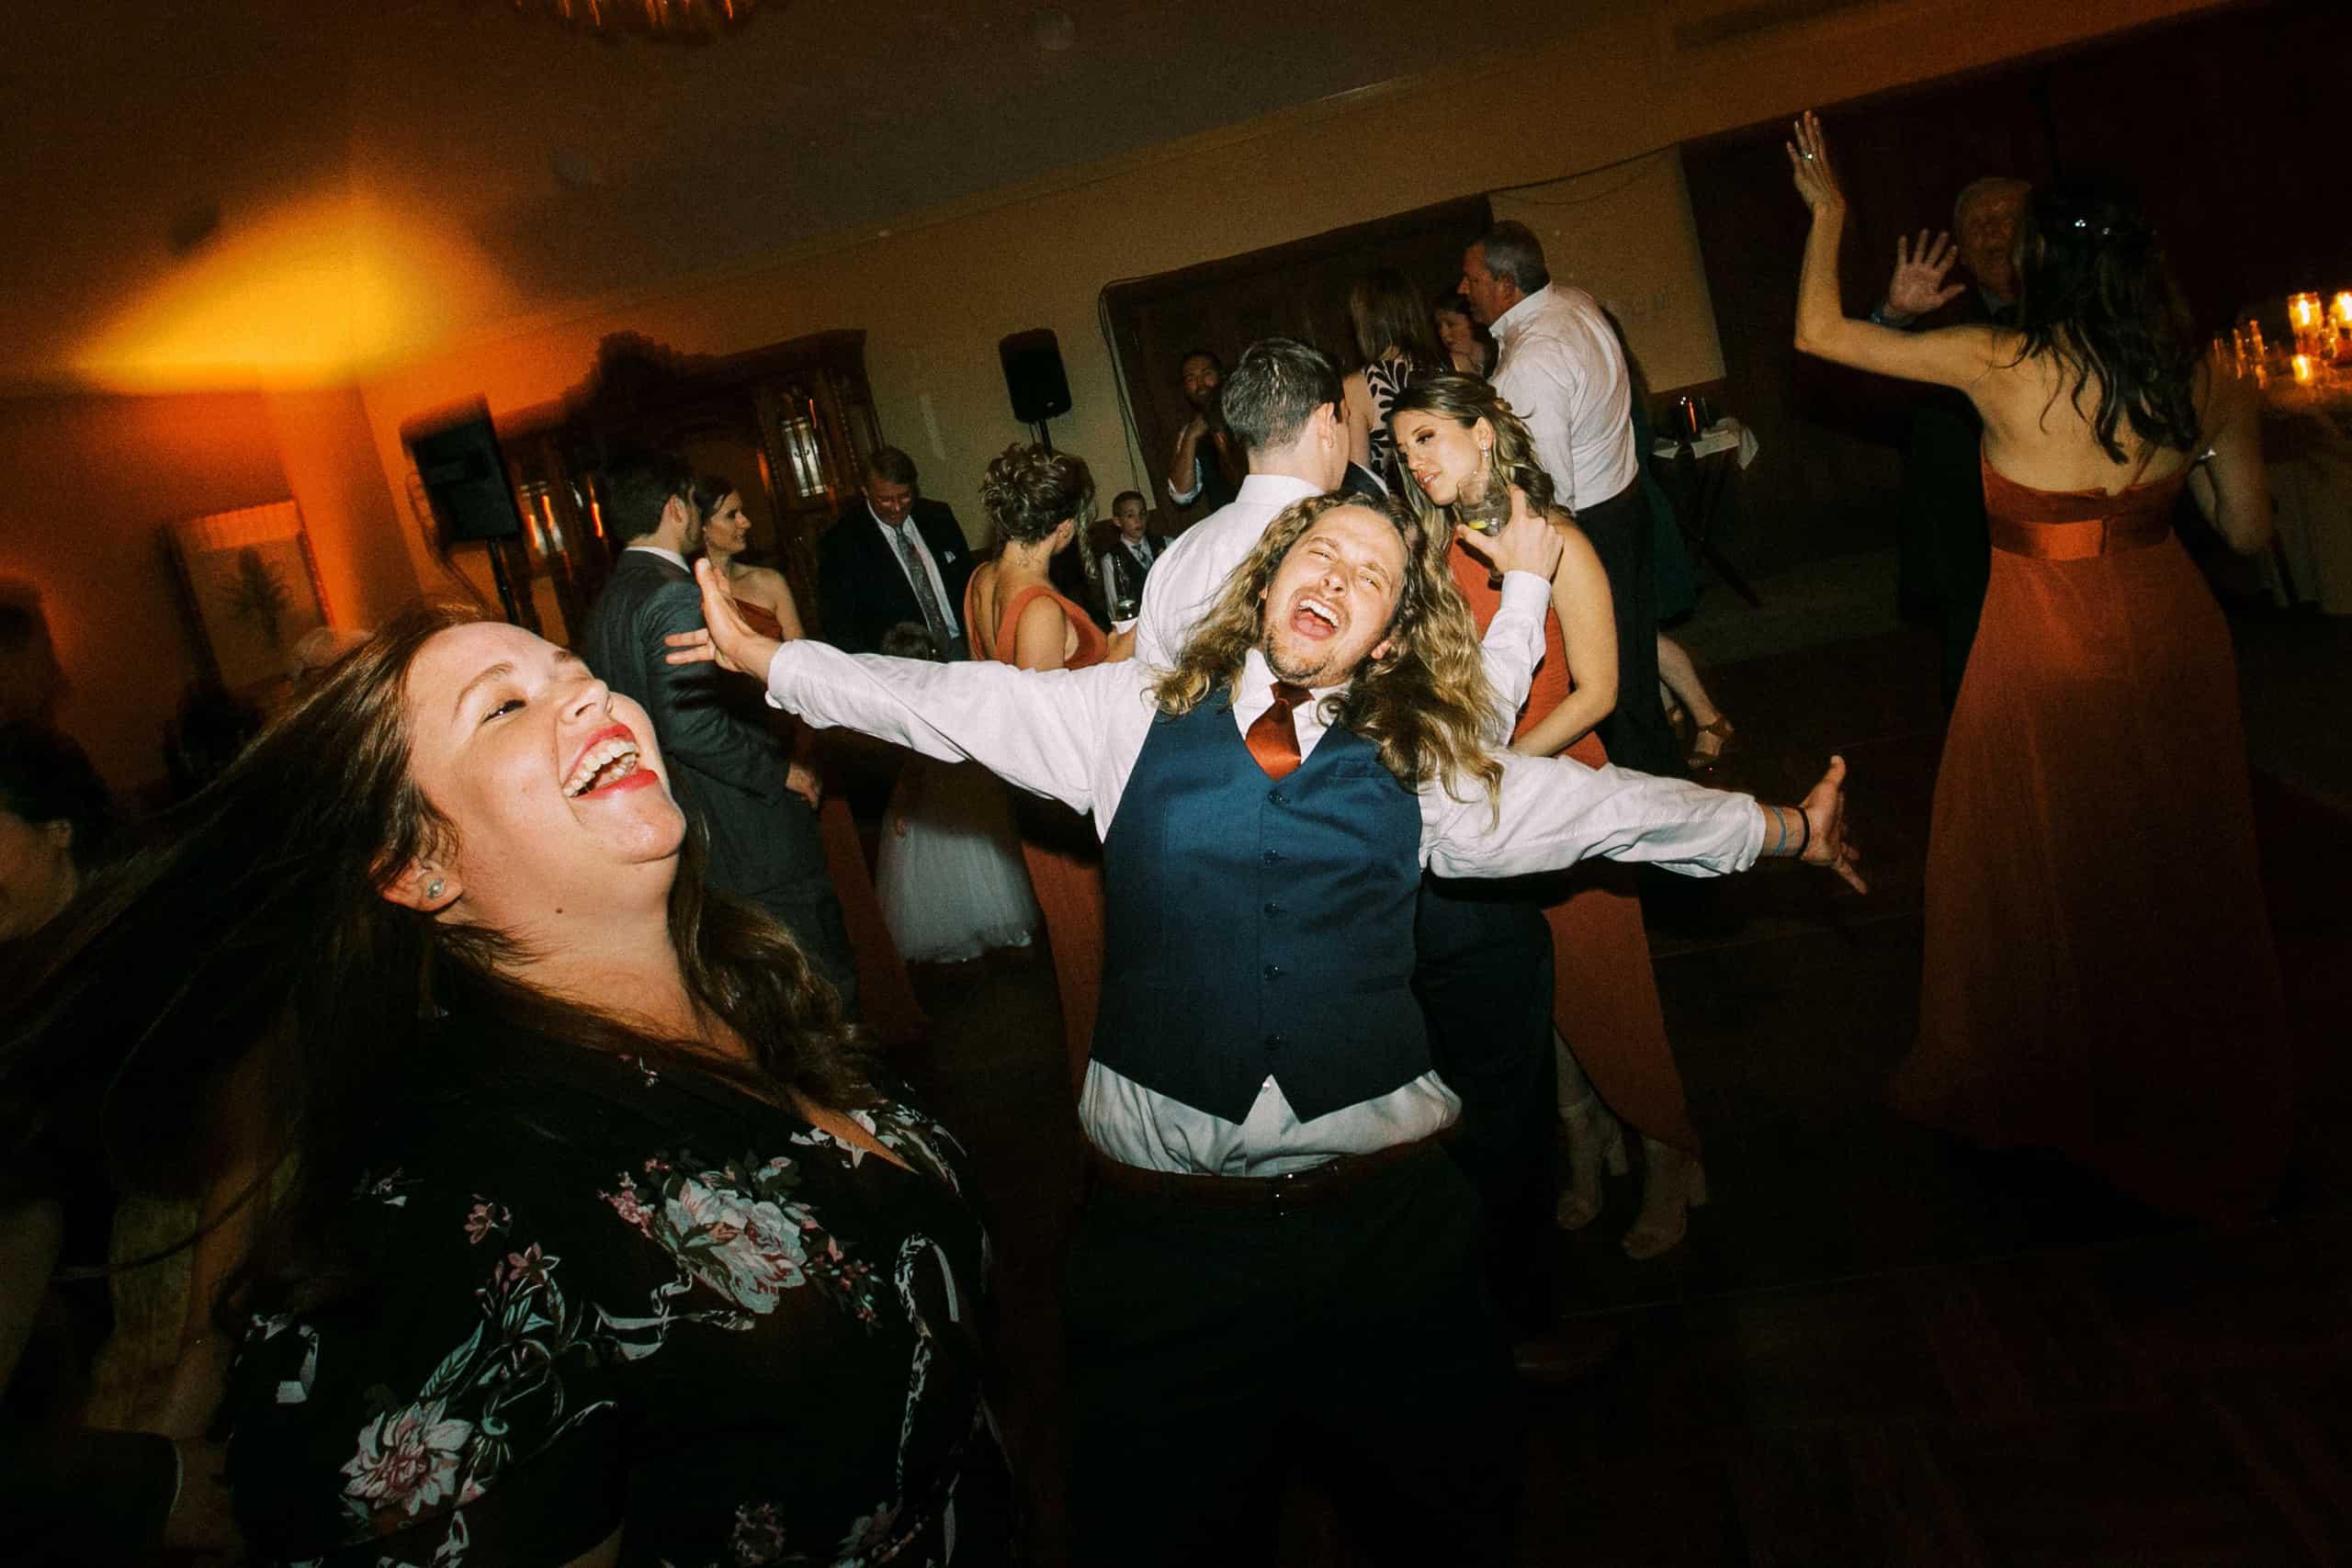 Philadelphia Sugarloaf Weddings in Chestnut Hill